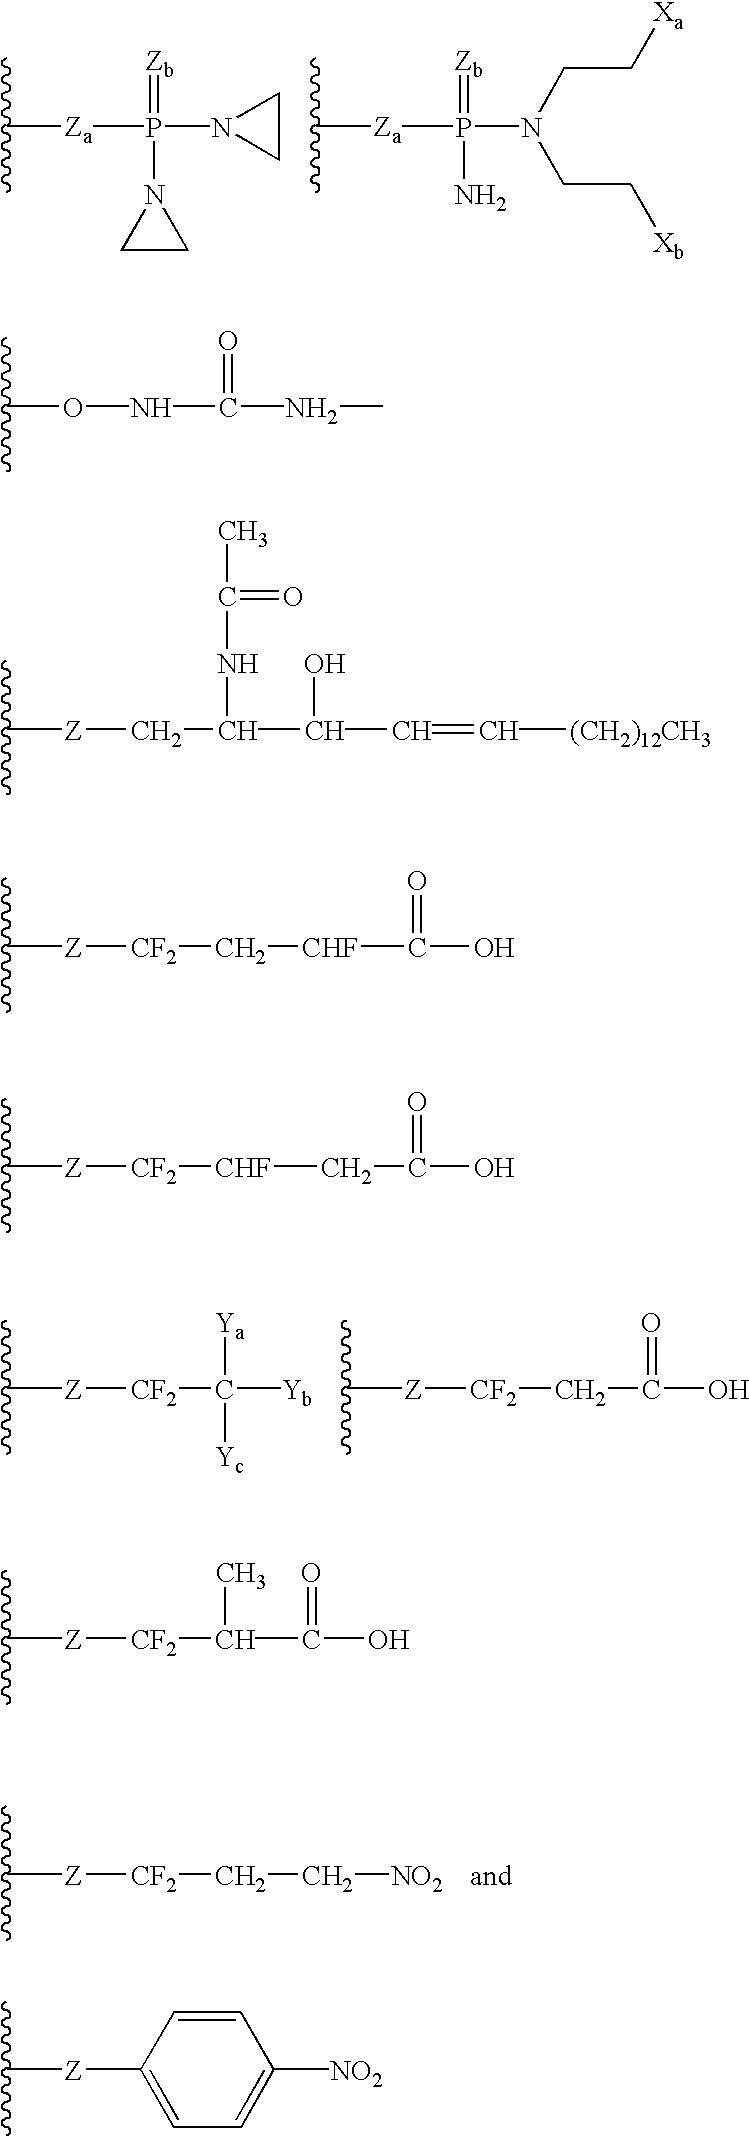 Figure US20030109697A1-20030612-C00012